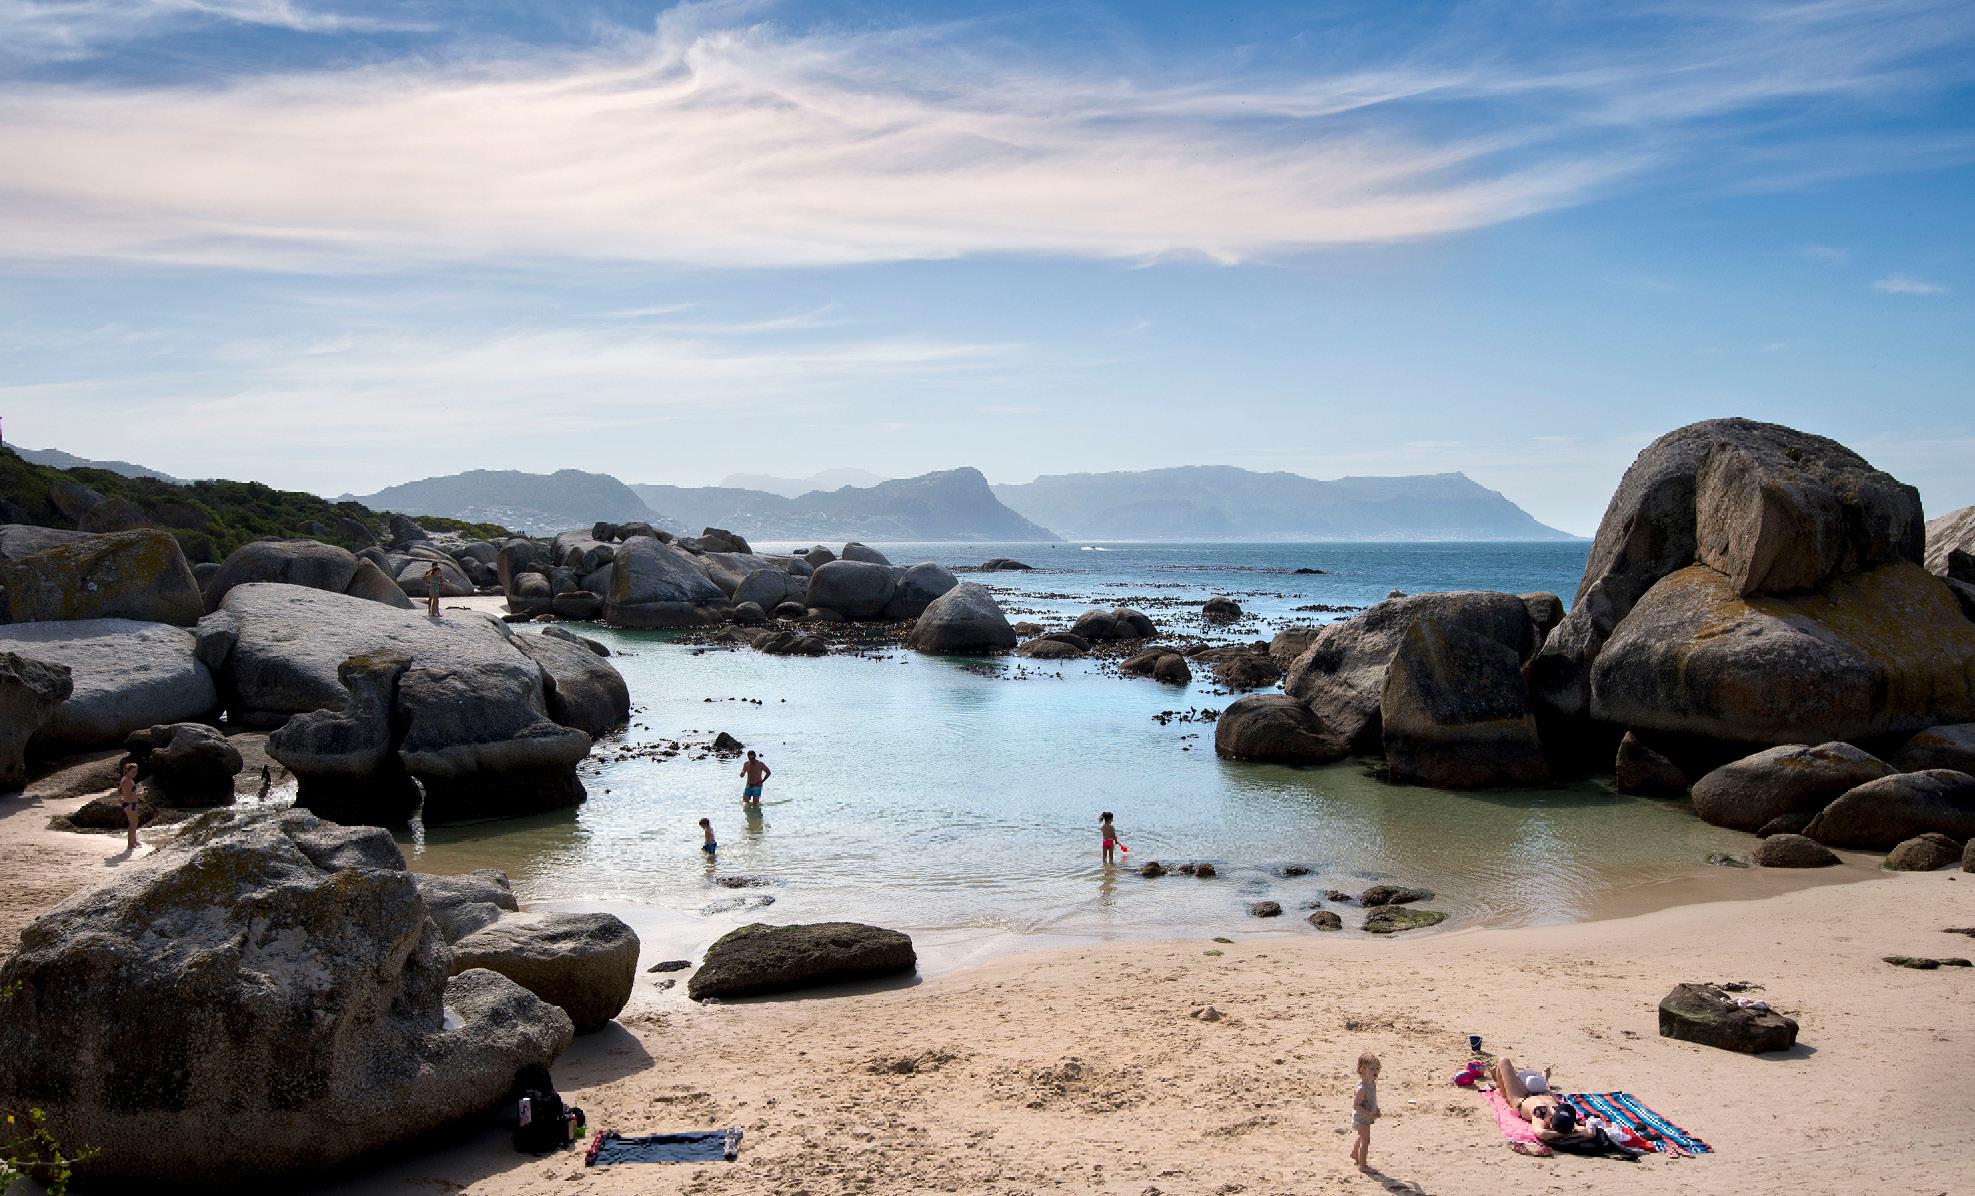 Cape Town hidden gem boulders beach